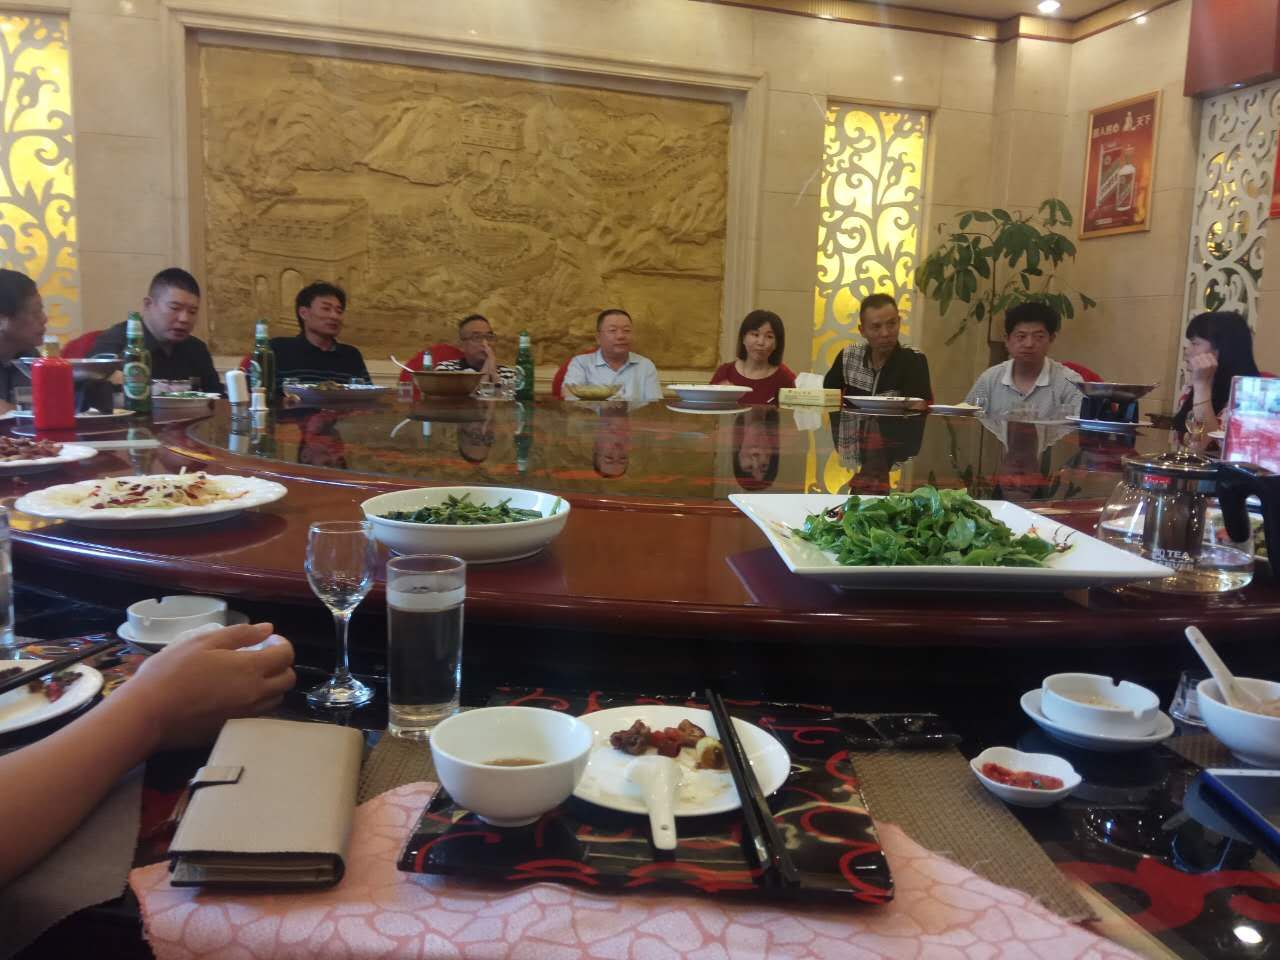 欢迎南京市场的伙伴们